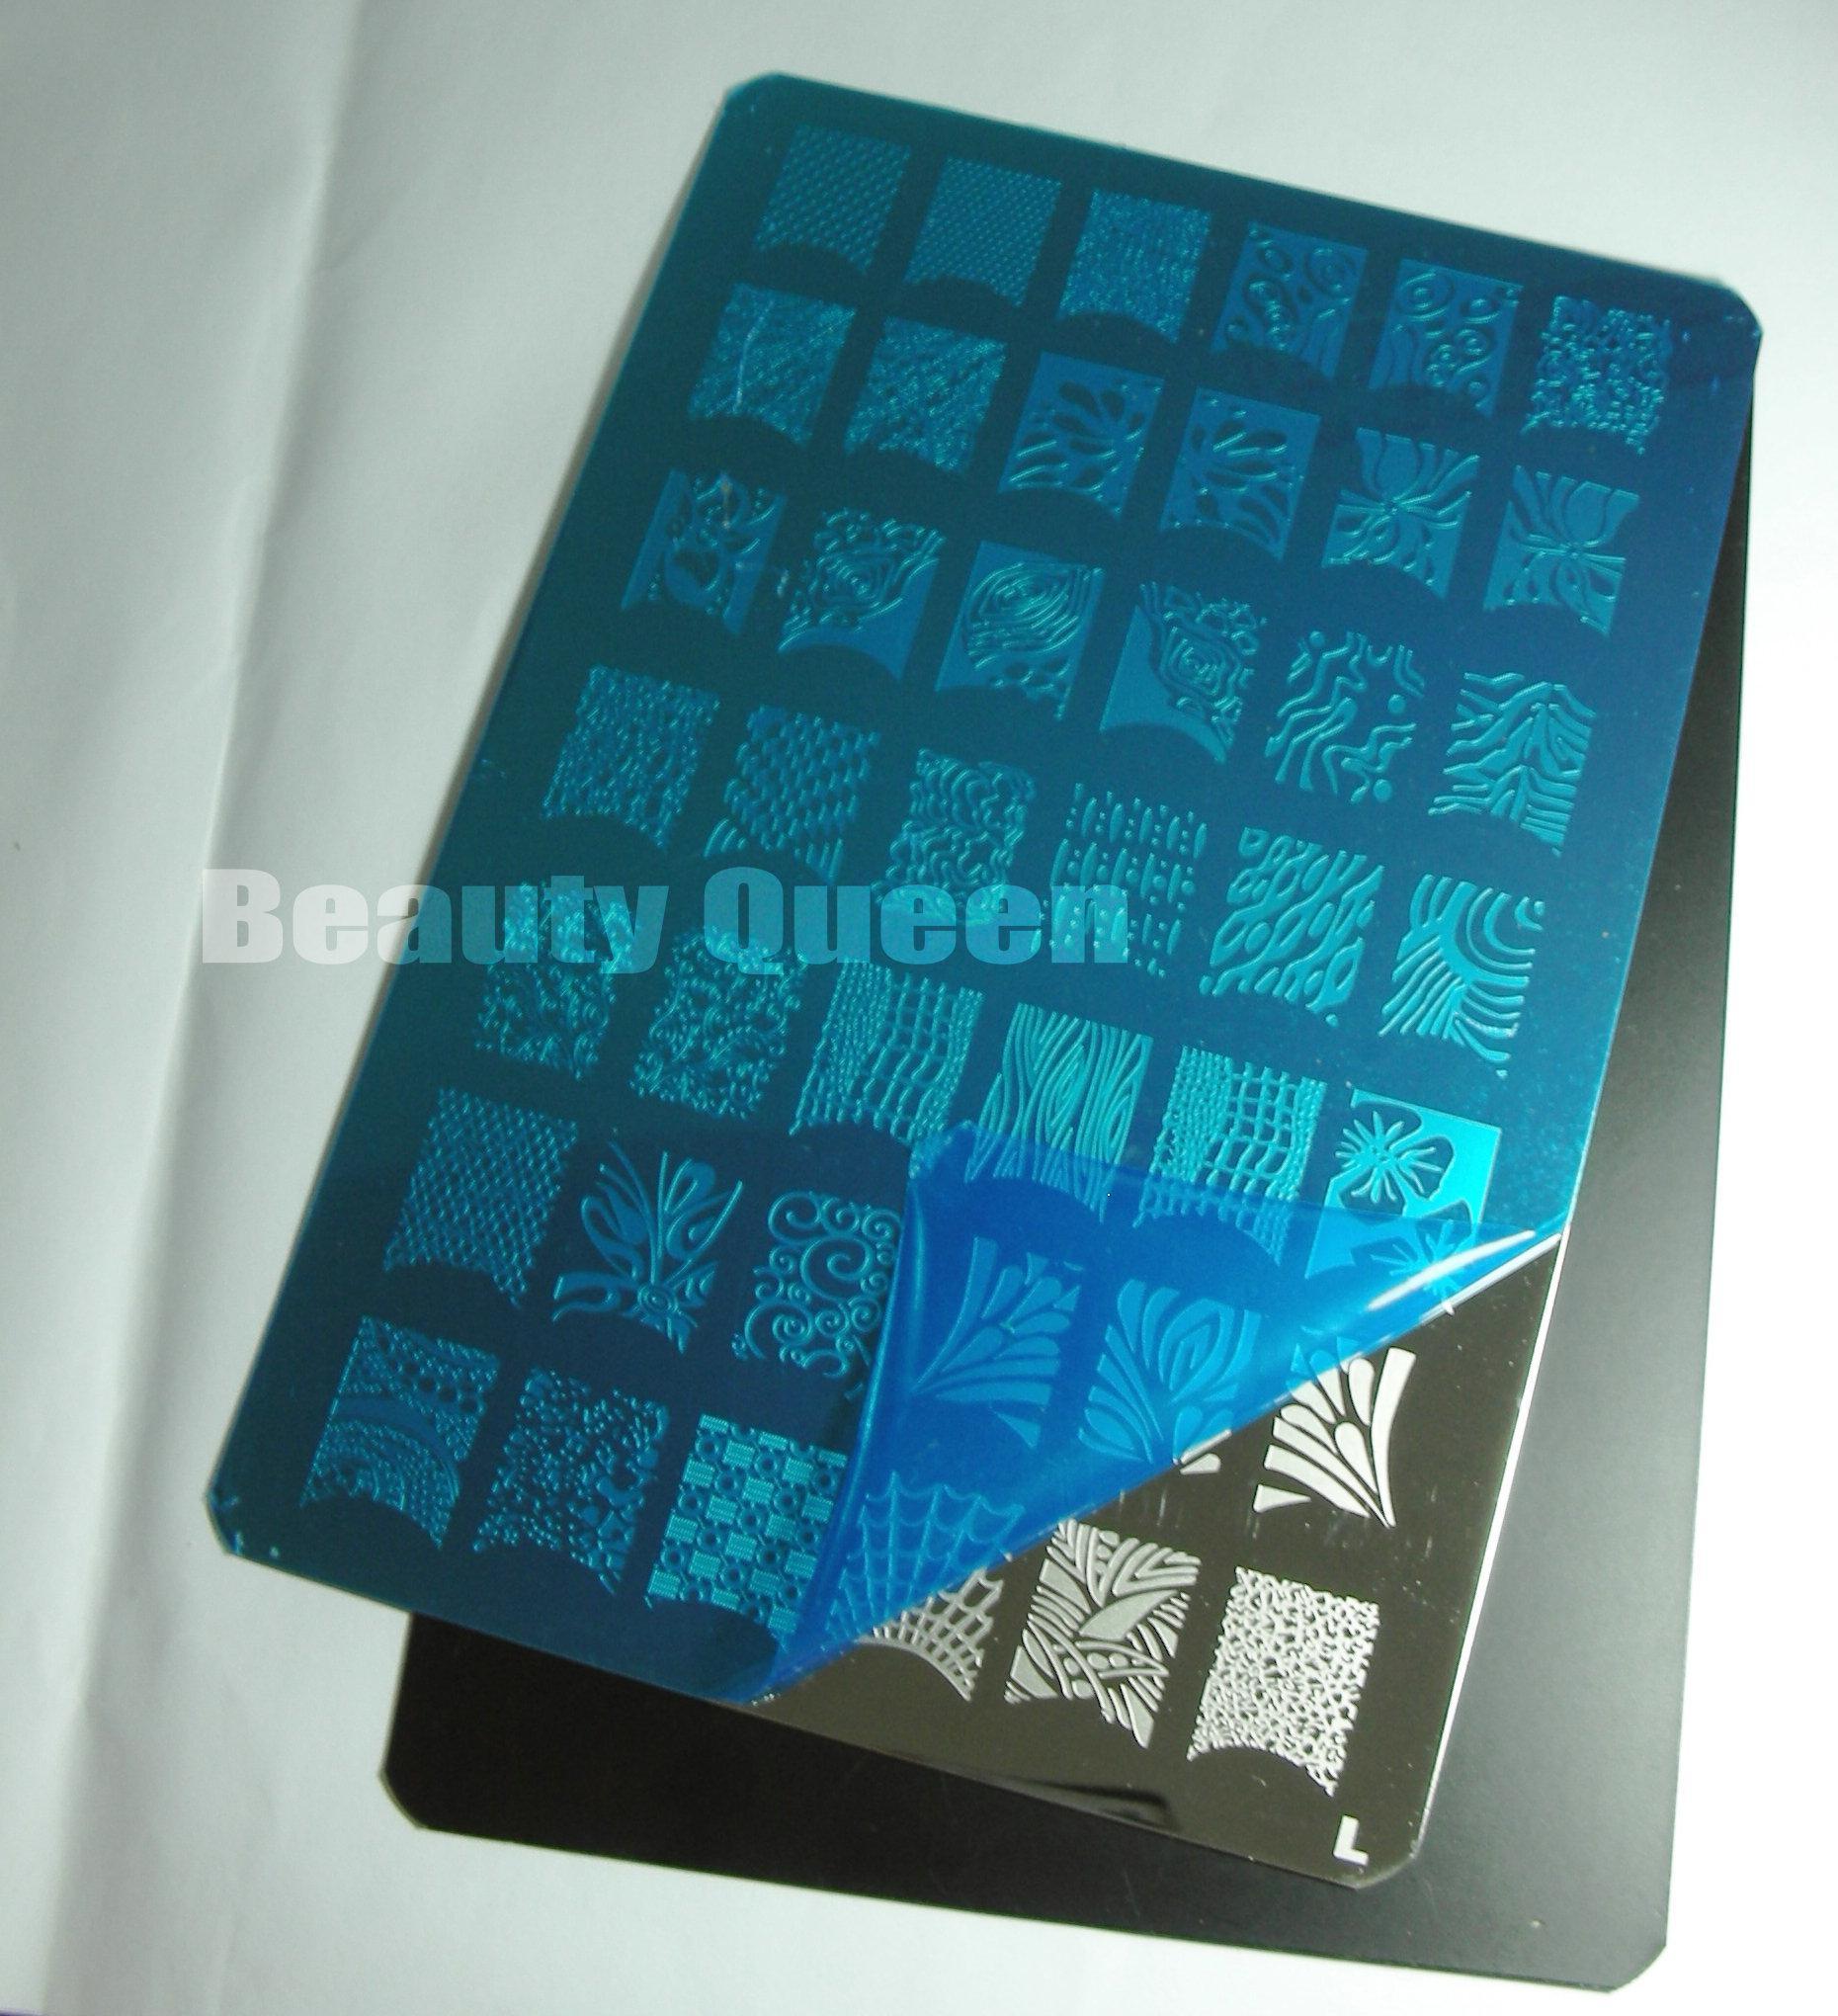 GROßE Designs * 9 Stil XXL Nail art Stamping Platte Stempel Bild Platten XL Schablonendruck Vorlage Transfer Polnisch Französisch Blume Tattoo DIY # L-T